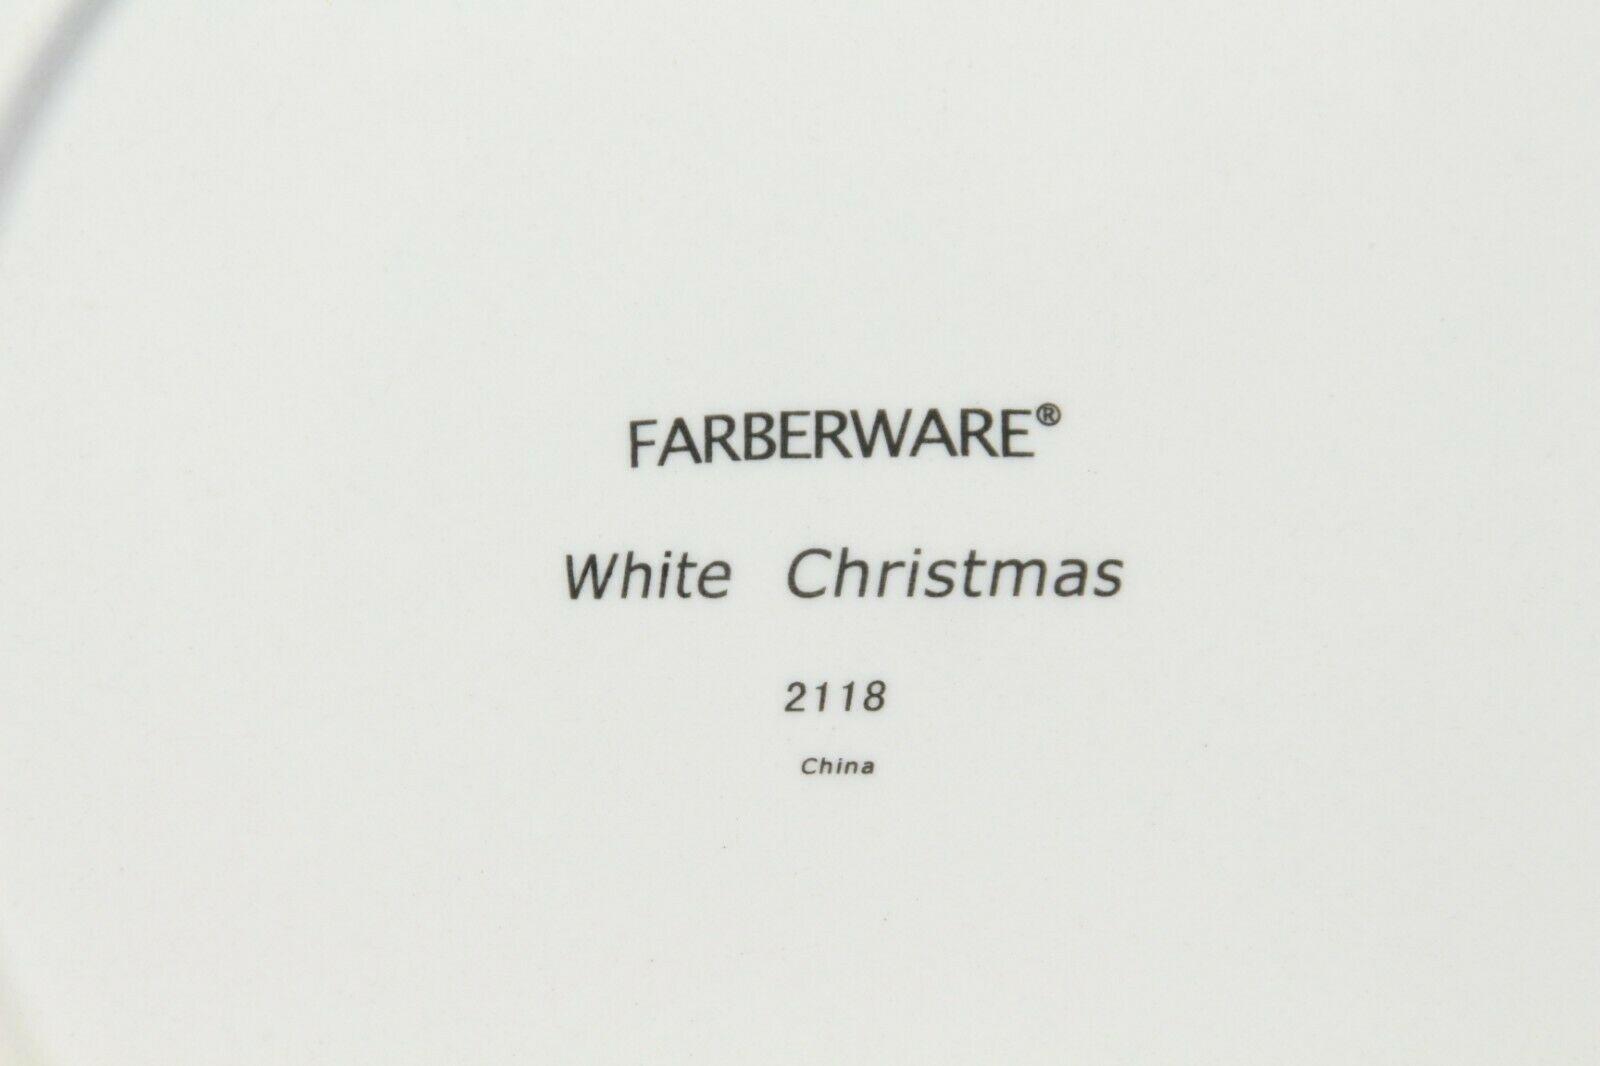 """Farberware White Christmas 2118 Dinner Plates 10.5"""" Lot of 8 image 5"""